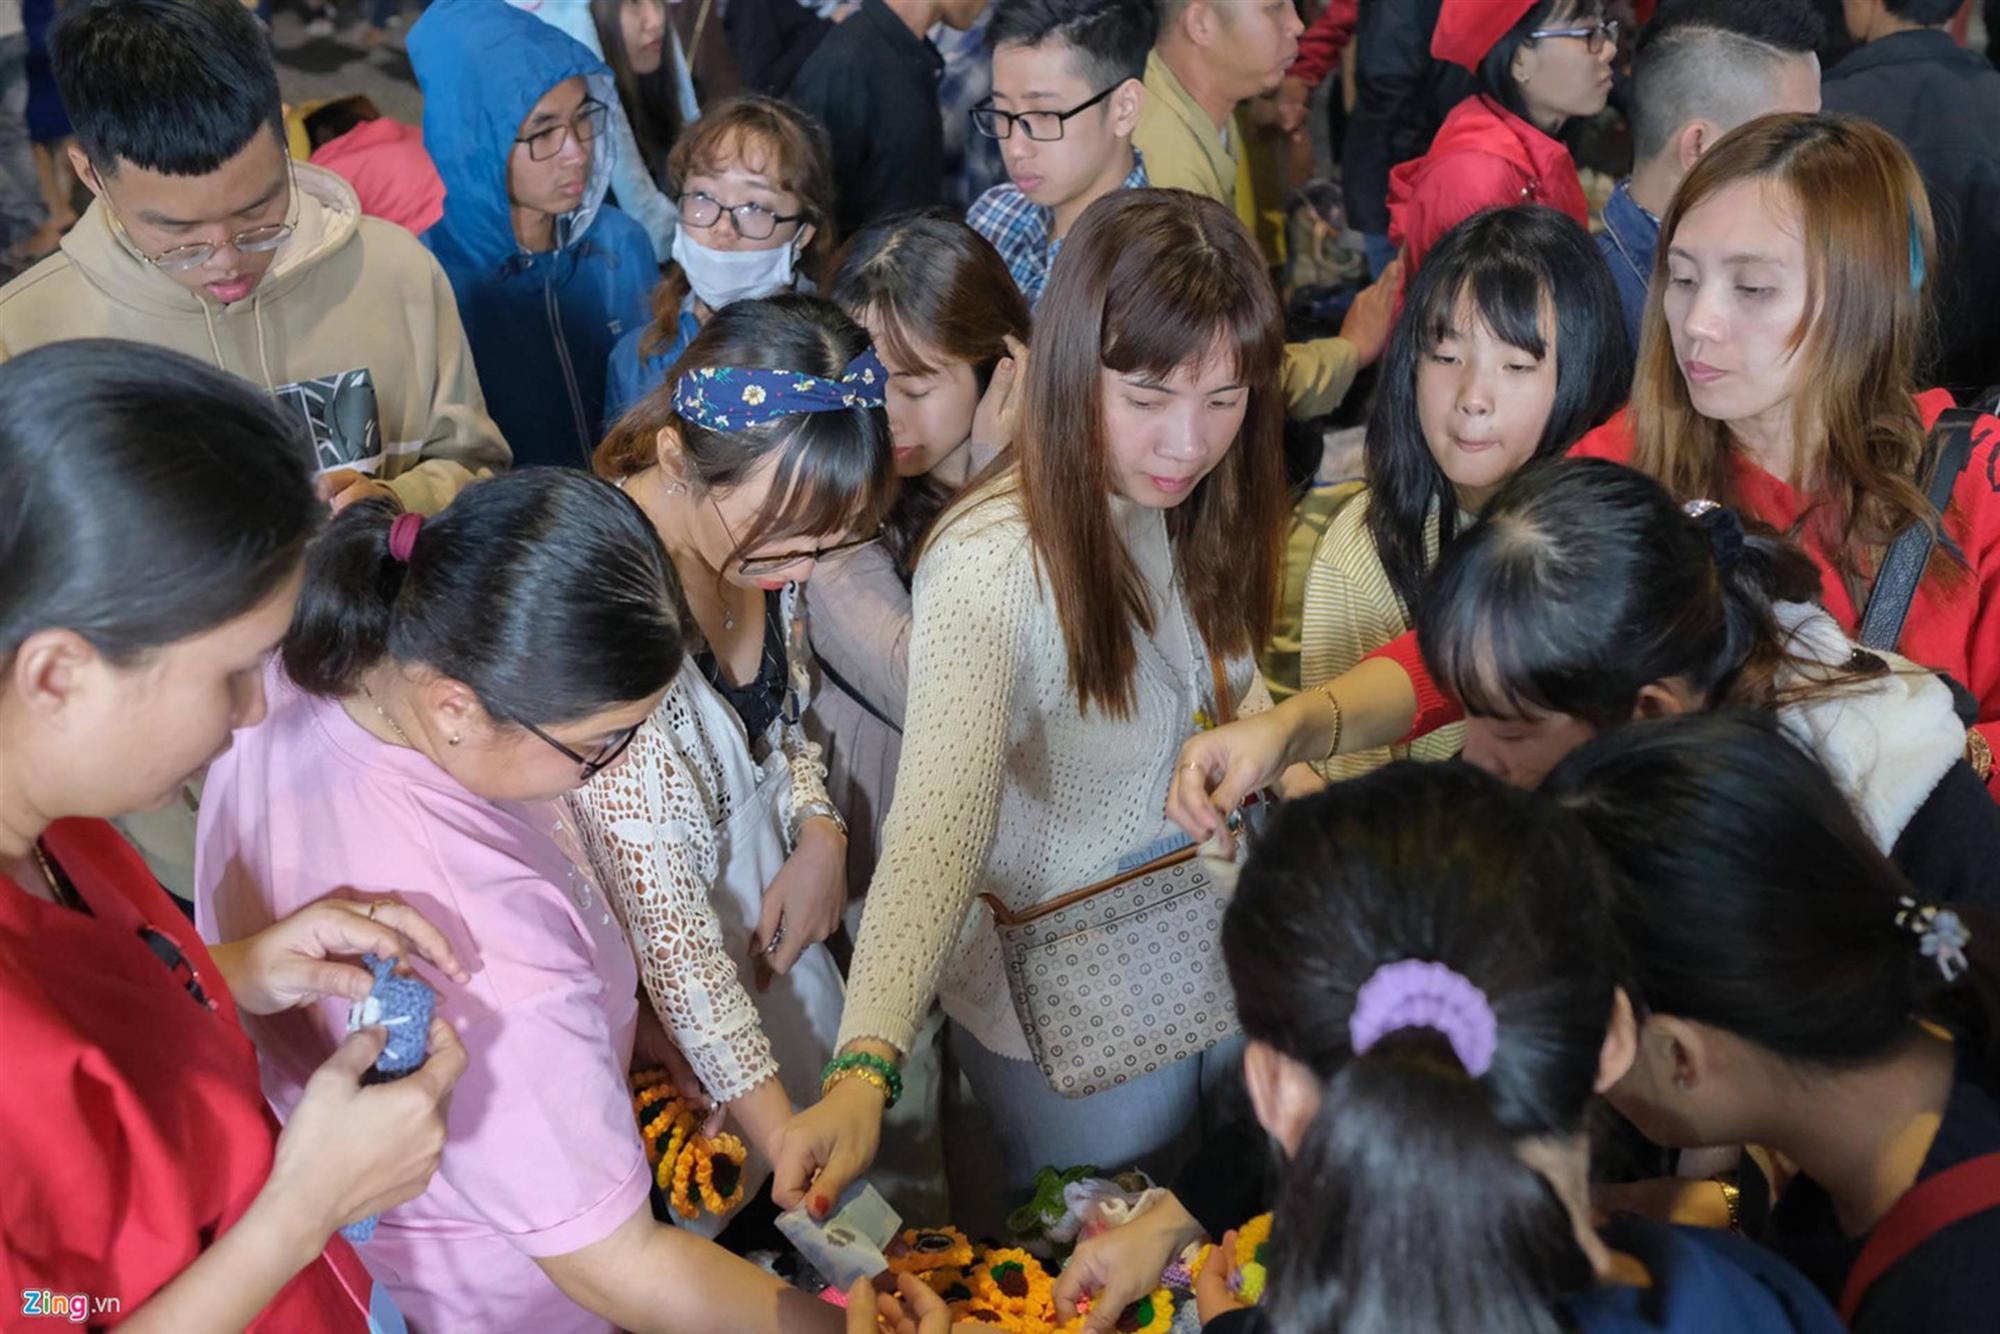 Cảnh người ngắm người ở các điểm đến nổi tiếng của Đà Lạt-9